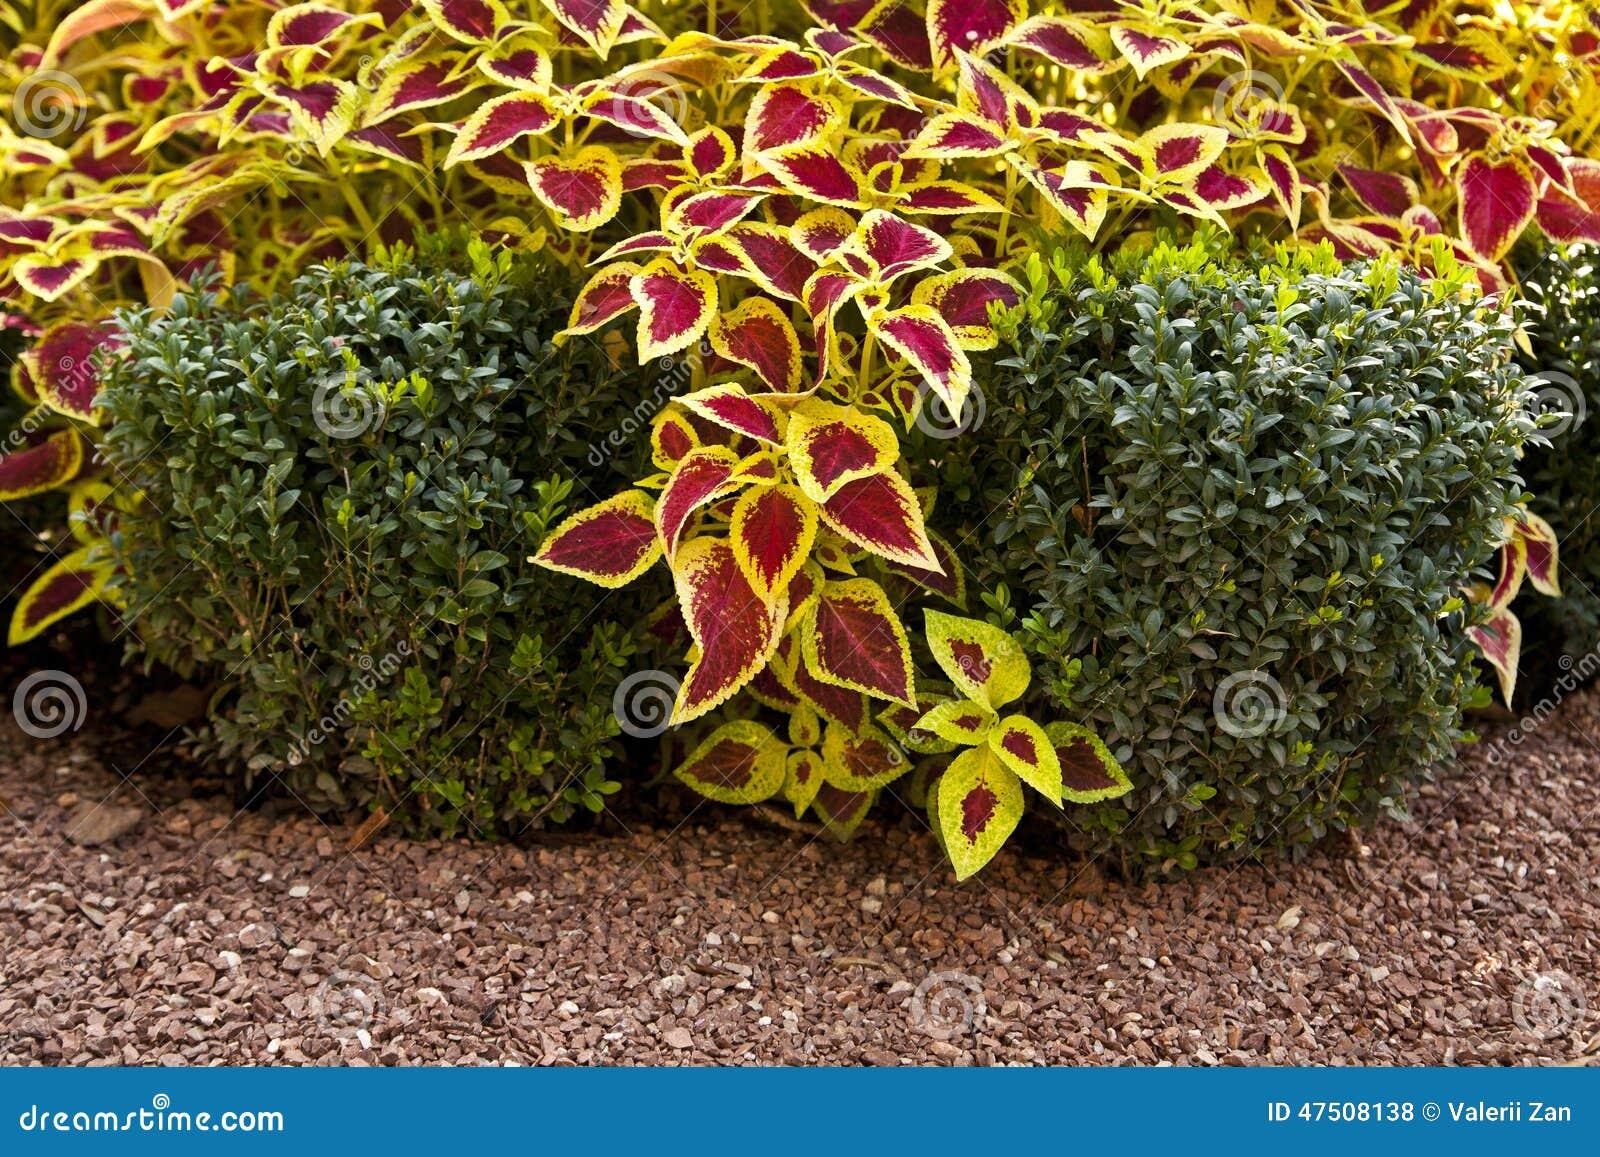 Arbustos ornamentales foto de archivo imagen 47508138 for Arbustos ornamentales